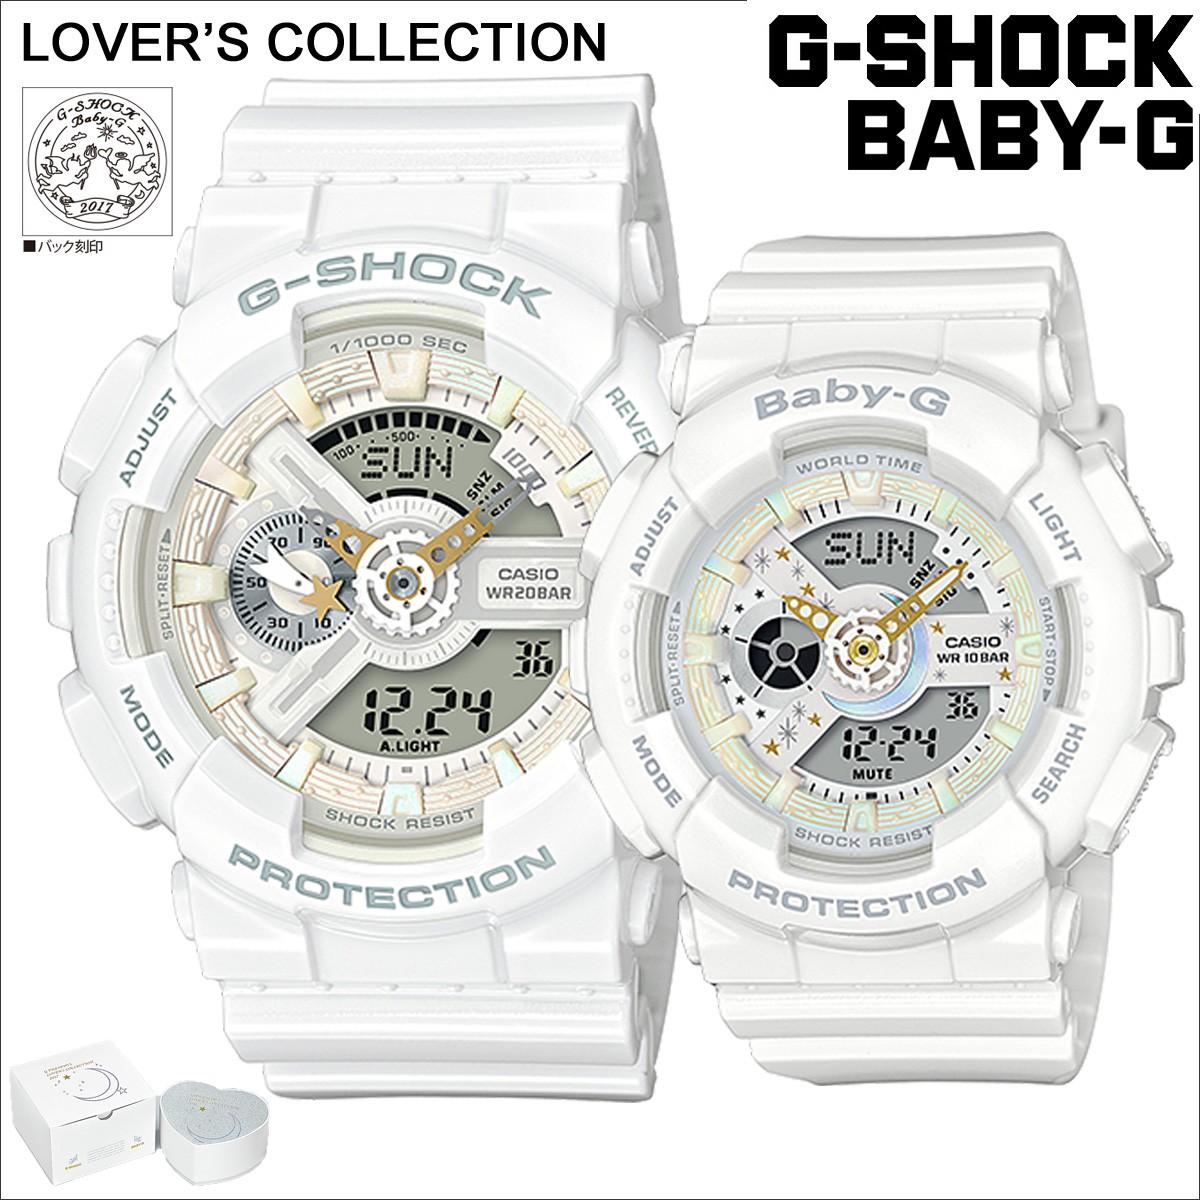 カシオ CASIO G-SHOCK 腕時計 LOV 17A 7AJR ホワイト ジーショック G-ショック Gショック ラバーズコレクション ペア メンズ レディース [12/21 追加入荷]